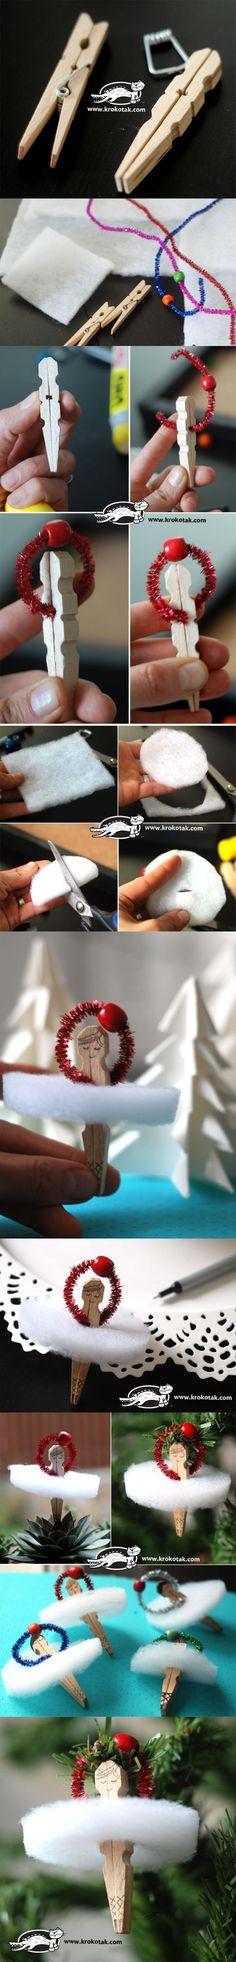 Ingeniosa decoración de navidad - Muy Ingenioso